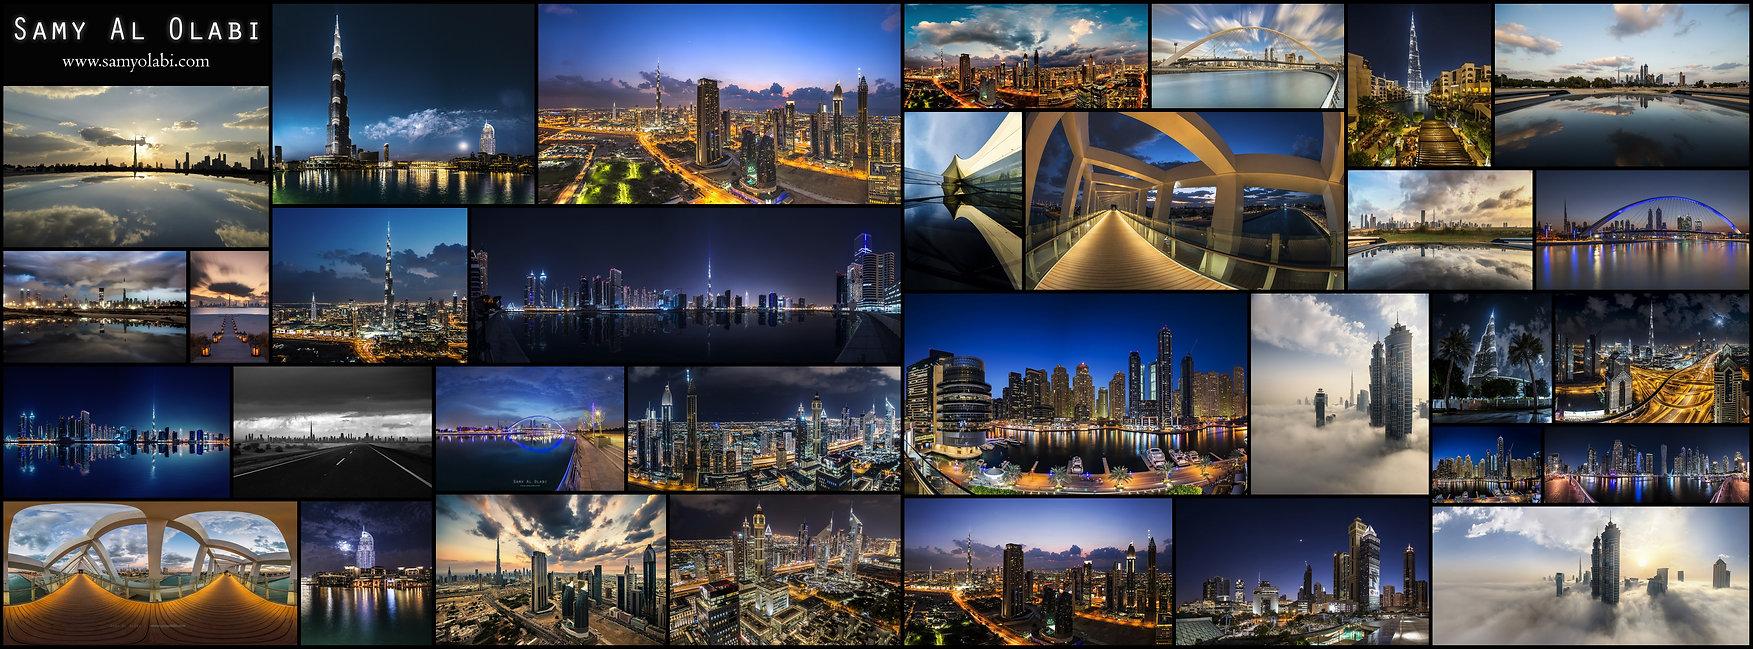 Cityscapes - SamyOlabi (1).jpg